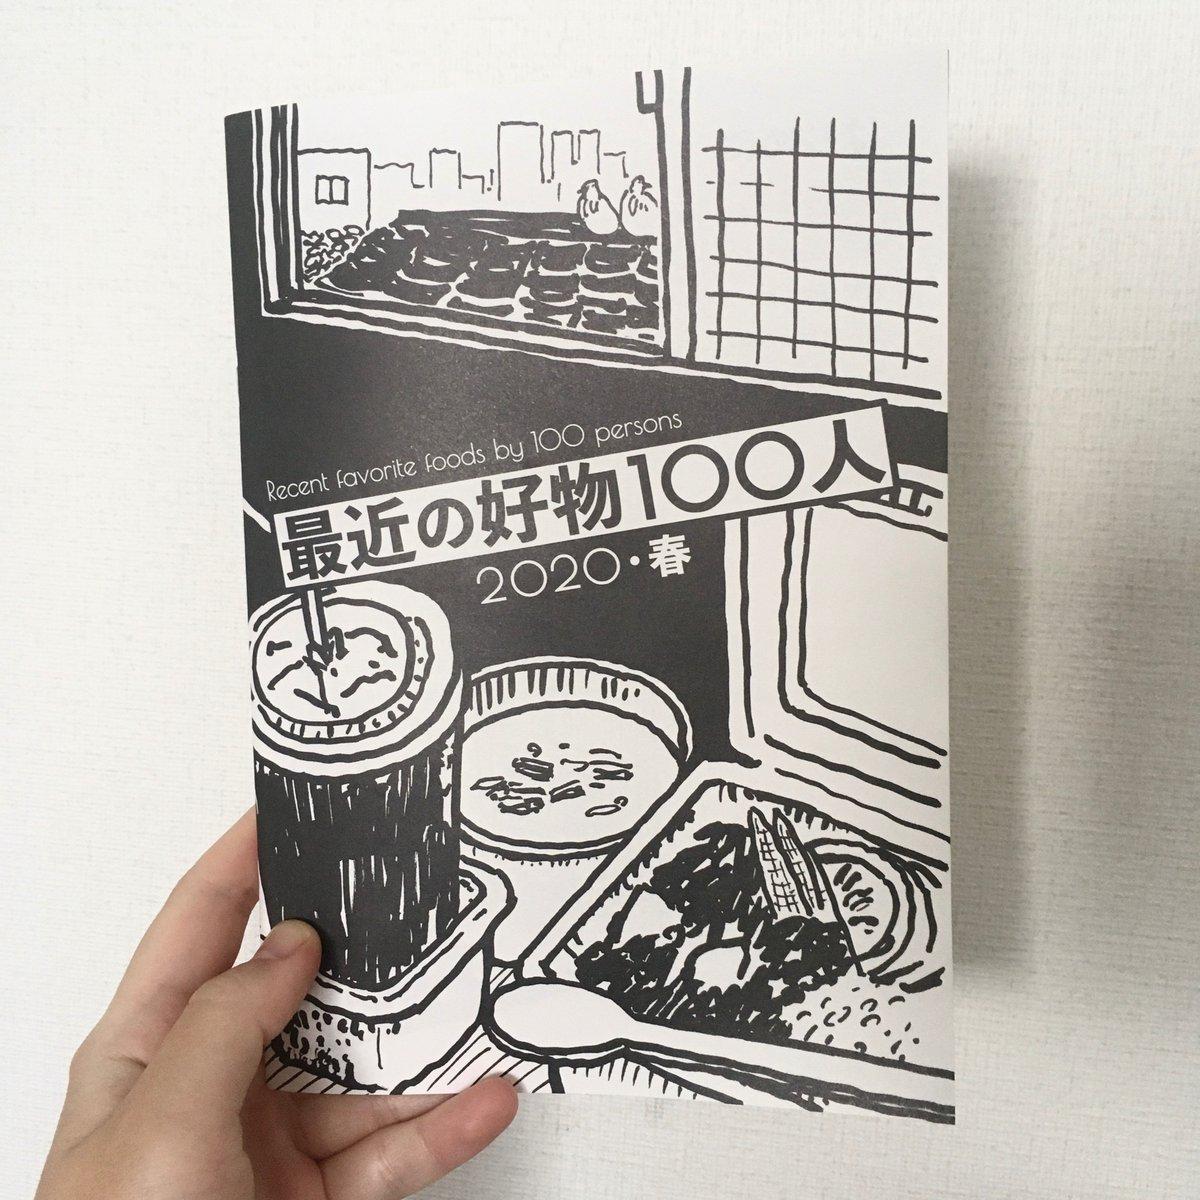 『最近の好物100人 2020・春』  読みました。人が食べているものを知るのって楽しいです。  売り上げの100%、取り扱い店への寄付金になるそうです。 https://t.co/fuOO8ctOLI